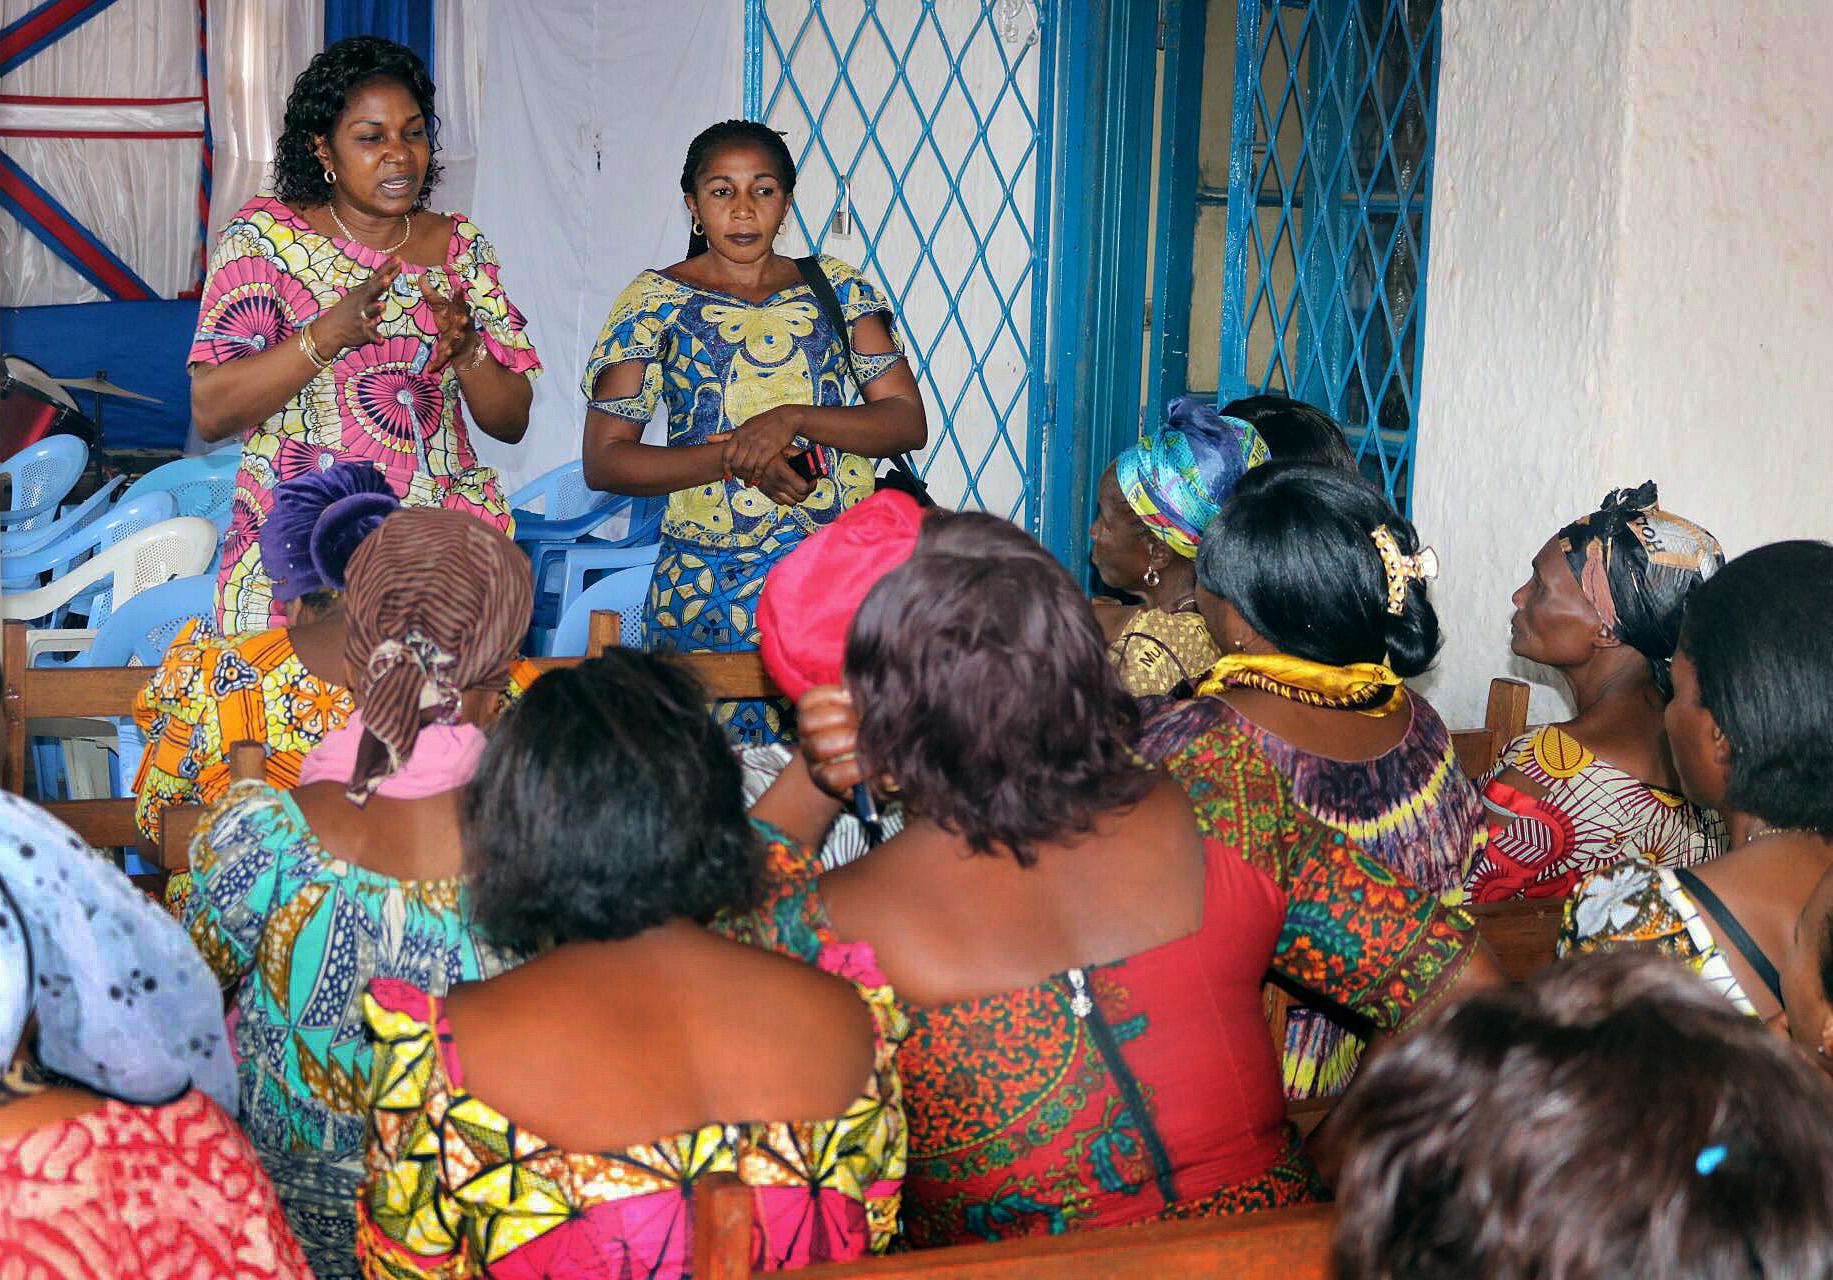 Dr Marie Claire Manafundu (côte gauche) forme des femmes sur les moyens de prévenir la propagation du virus Ebola au cours d'une classe à l'Eglise Méthodiste Unie Ibanda de Bukavu, au Congo.  Photo de Philippe kituka Lolonga, UMNS.